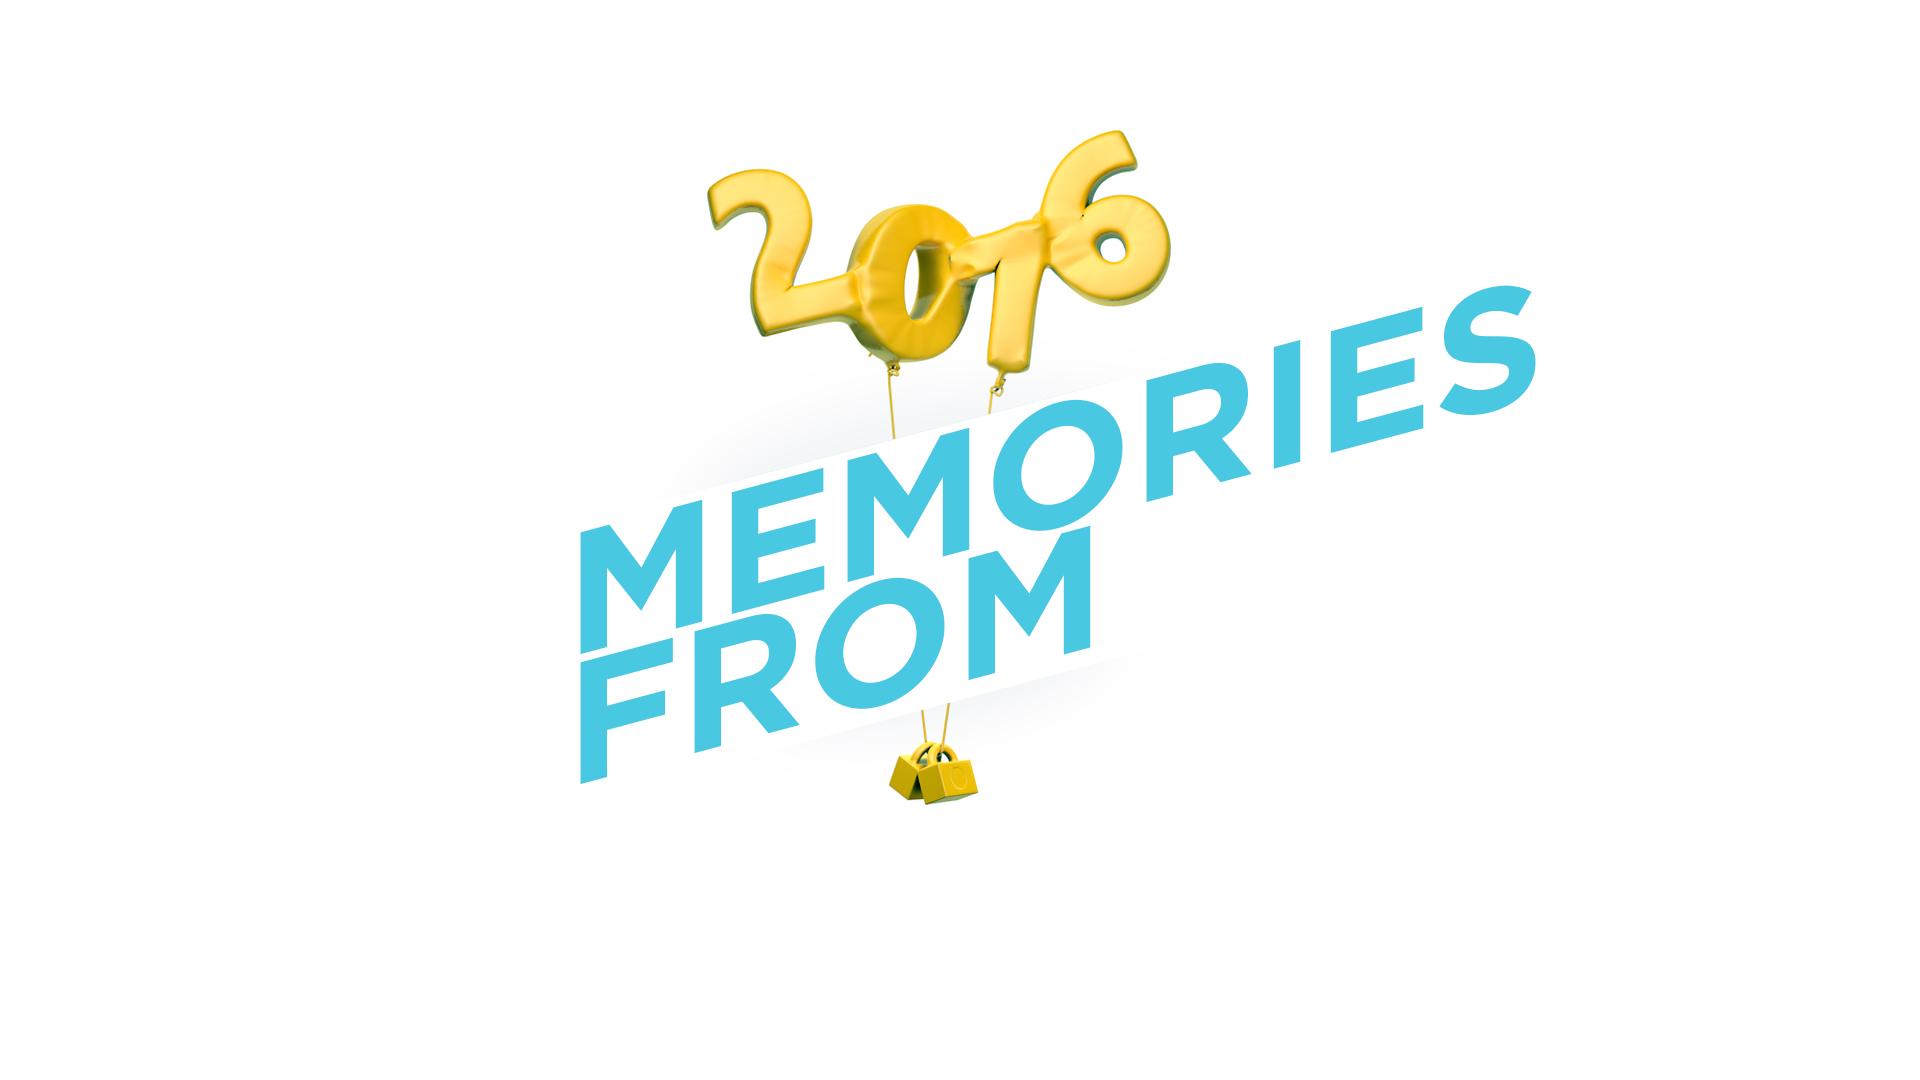 memories-beta-2017